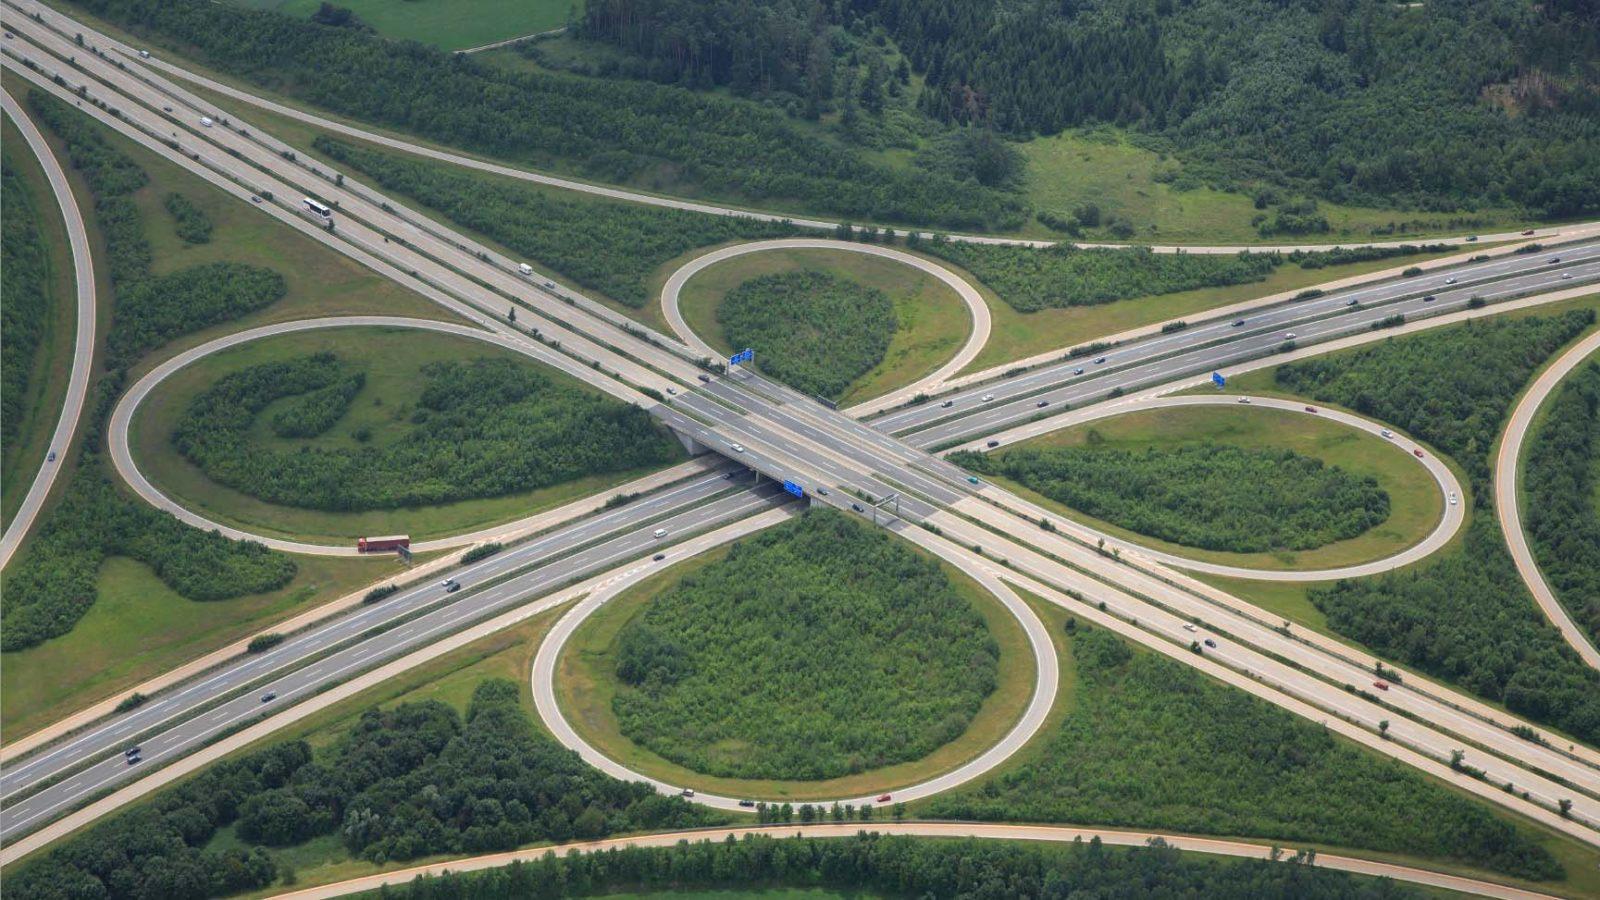 Asphalt geht vor: Deutschland investiert mehr Geld in Straßen als ins Schienennetz. Auch der neue Bundesverkehrswegeplan benachteiligt die Eisenbahn. In Europa machen es viele Länder umgekehrt